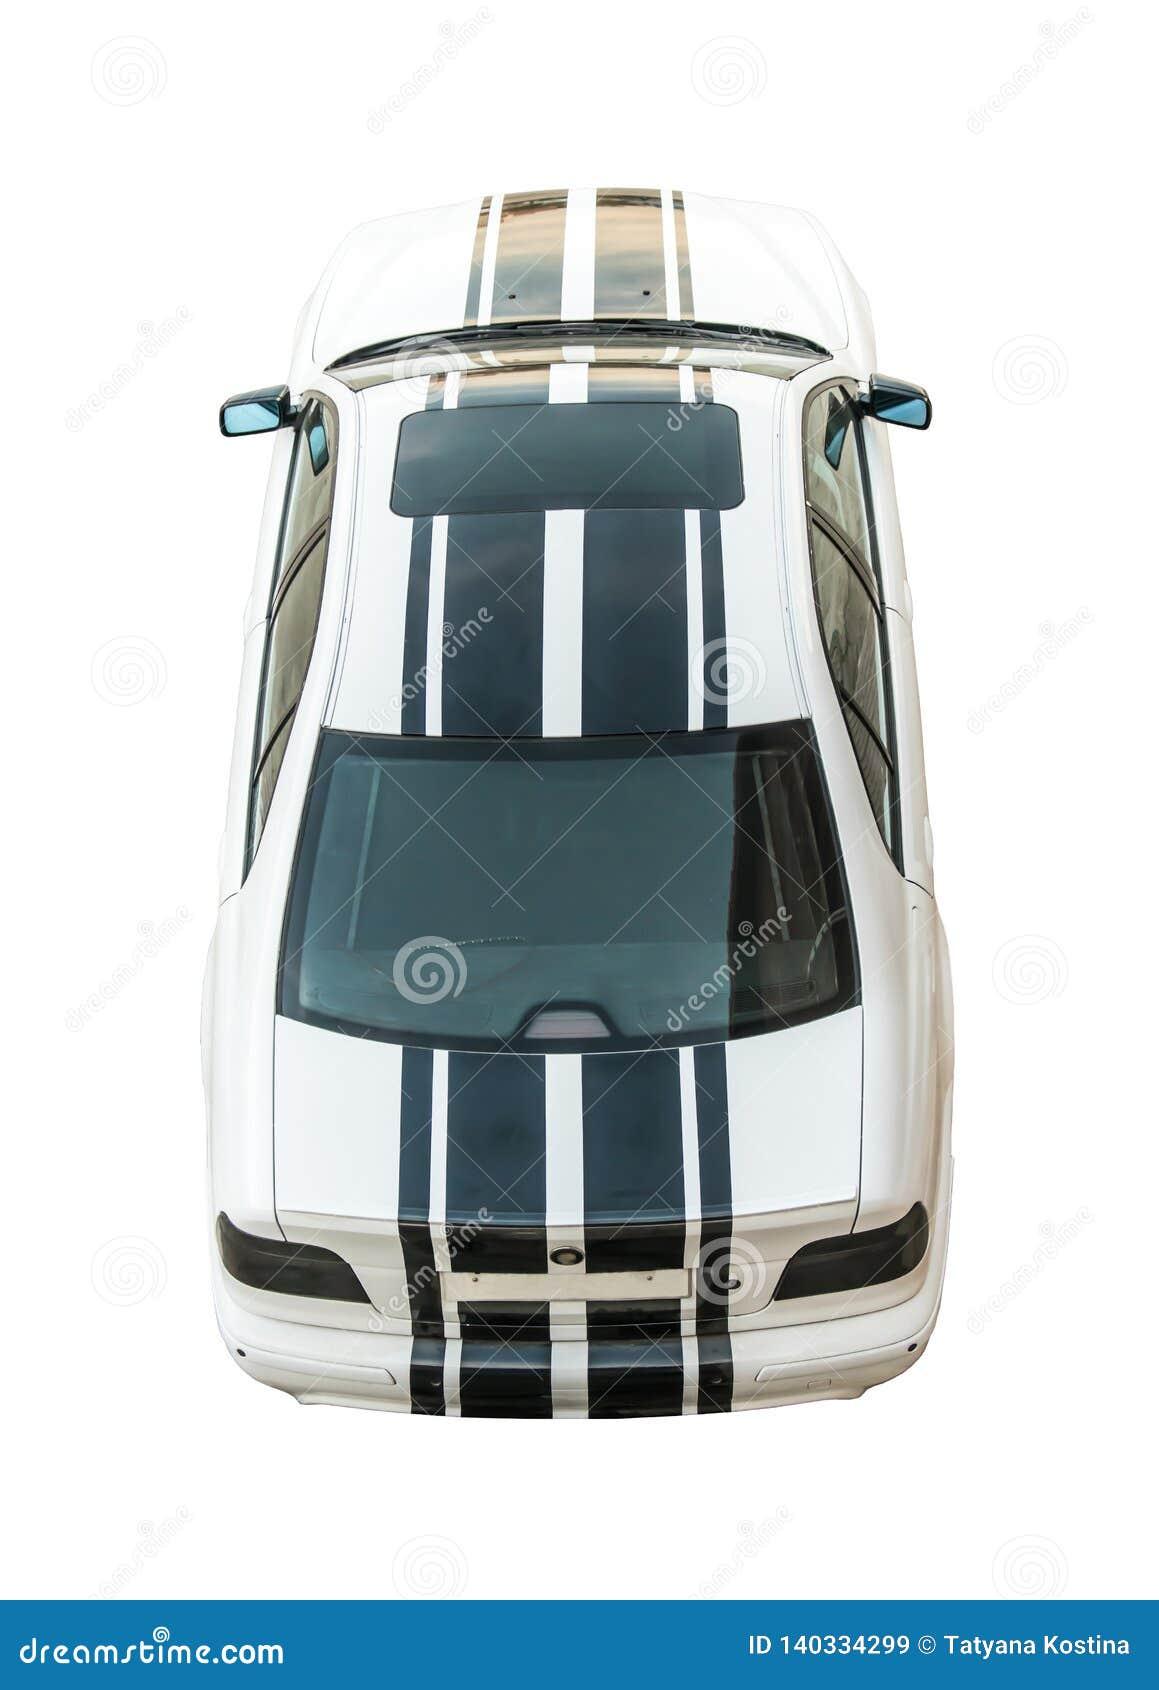 Μοντέρνο, σύγχρονο, φίλαθλο άσπρο αυτοκίνητο με τα μαύρα λωρίδες, που αποκόπτουν, που απομονώνονται στο άσπρο υπόβαθρο